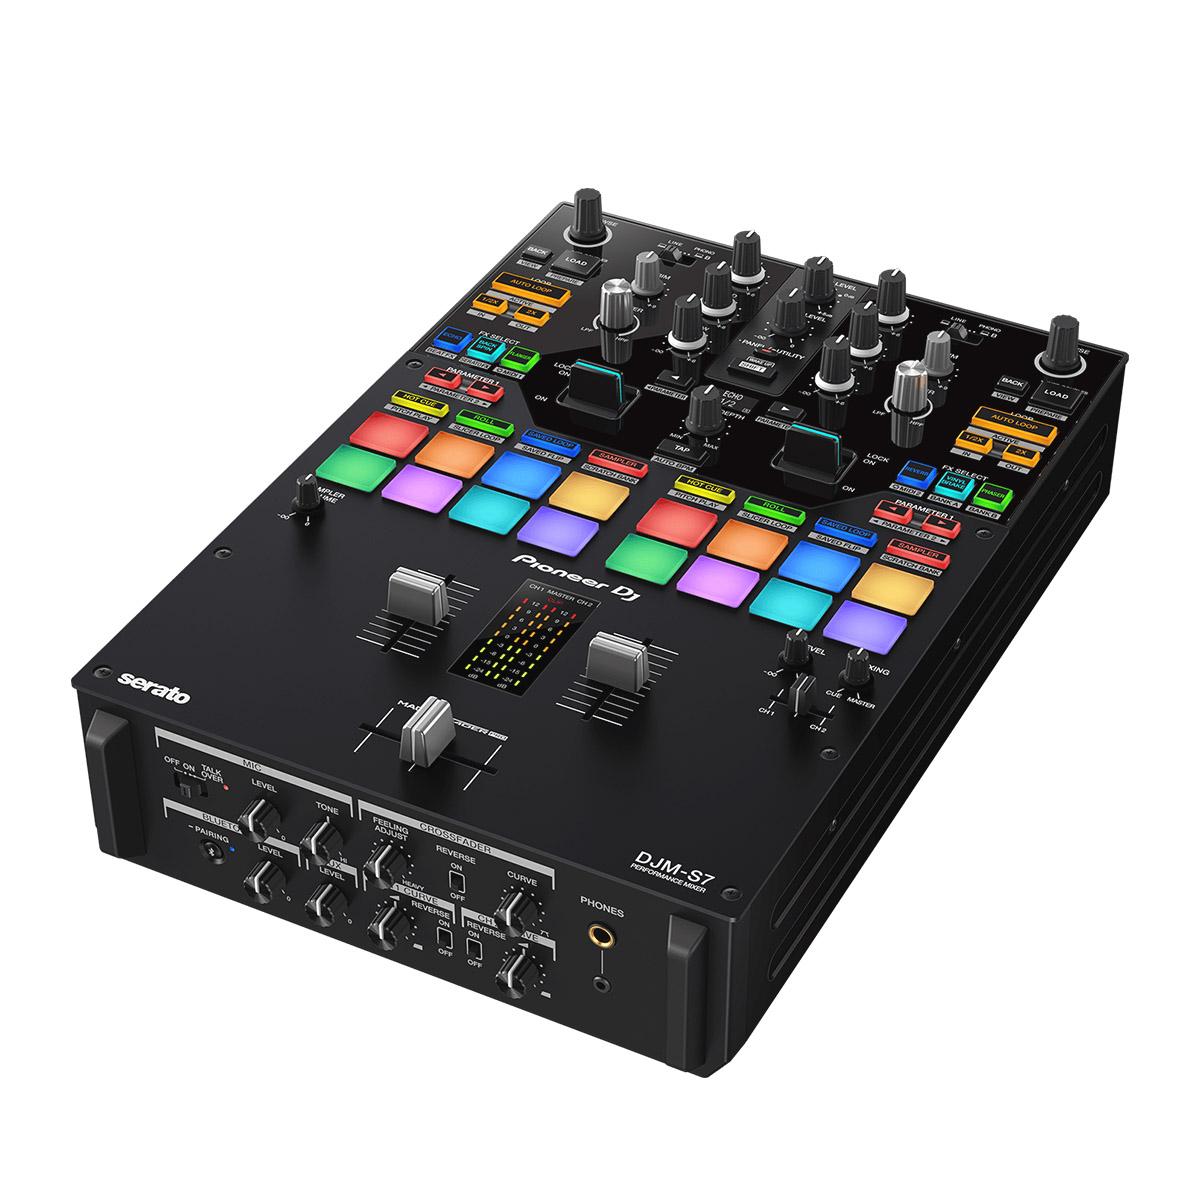 Mixer Pioneer DJ DJM S7